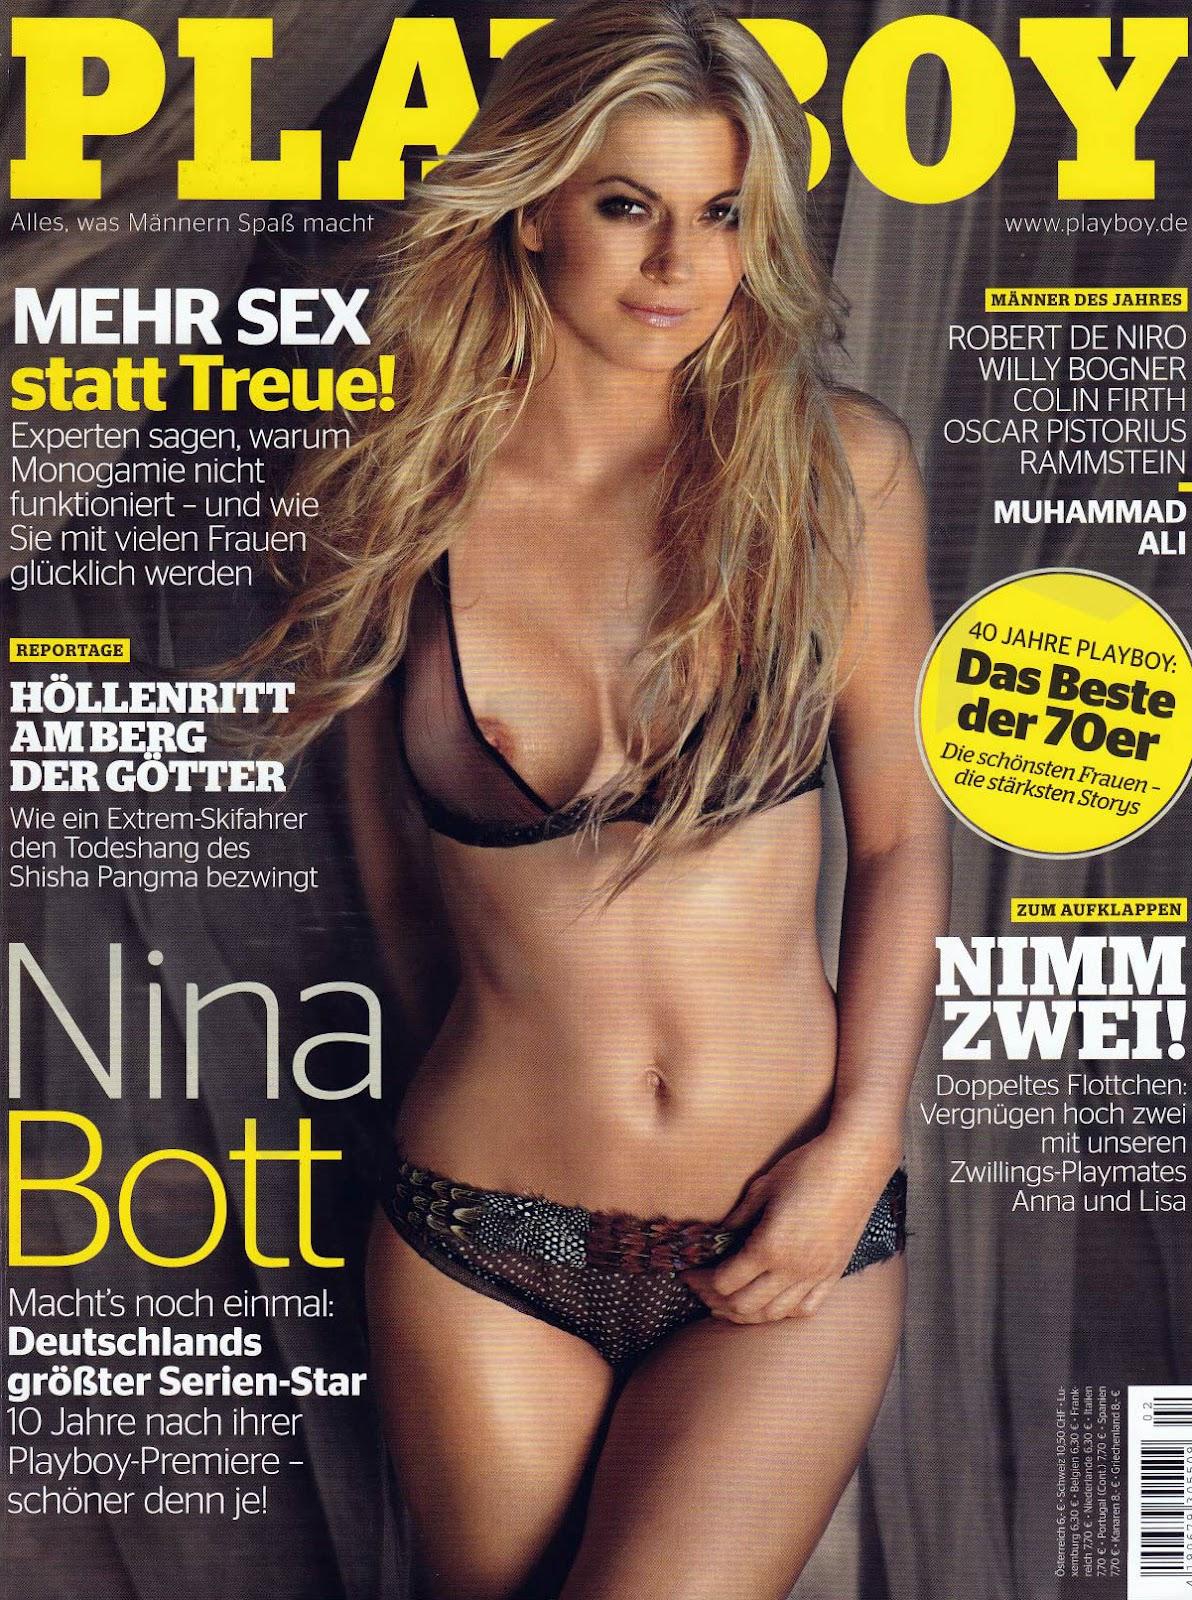 Playboy Alemanha – Nina Bott